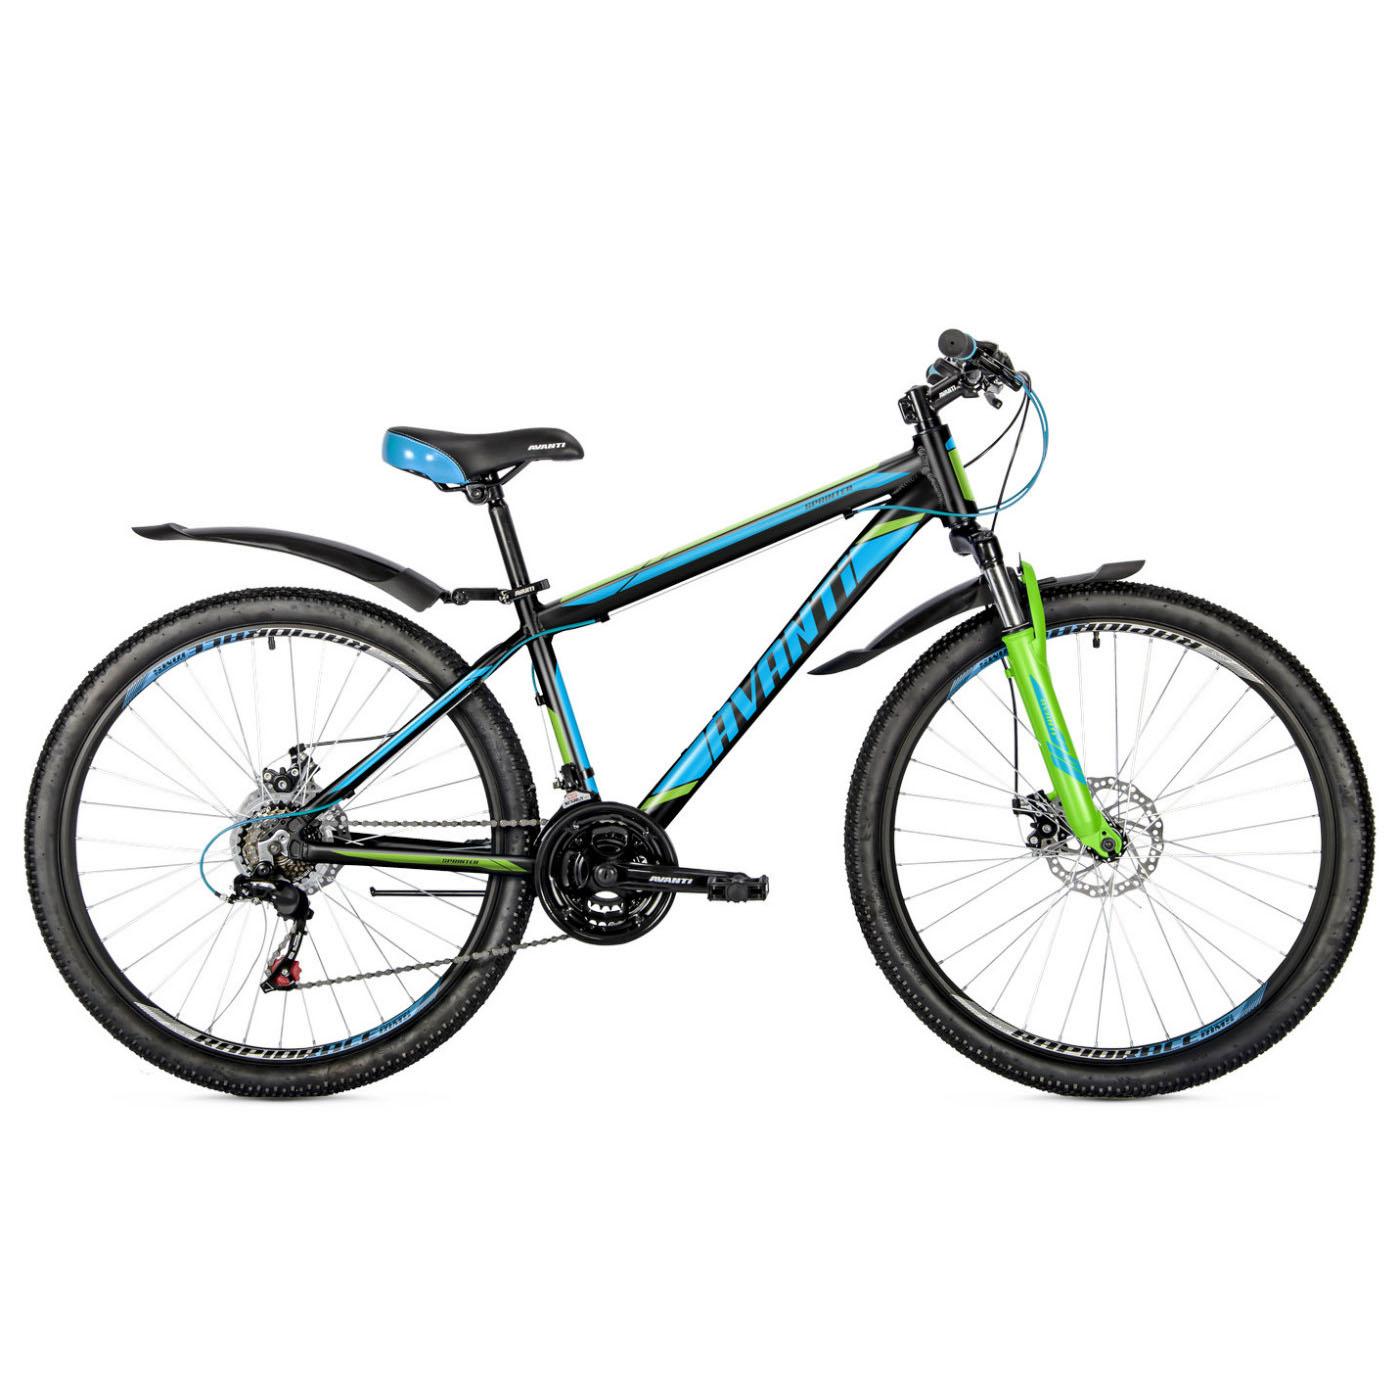 Фото Подростковый Велосипед 26 Avanti Sprinter 2018 черно-зелено-синий